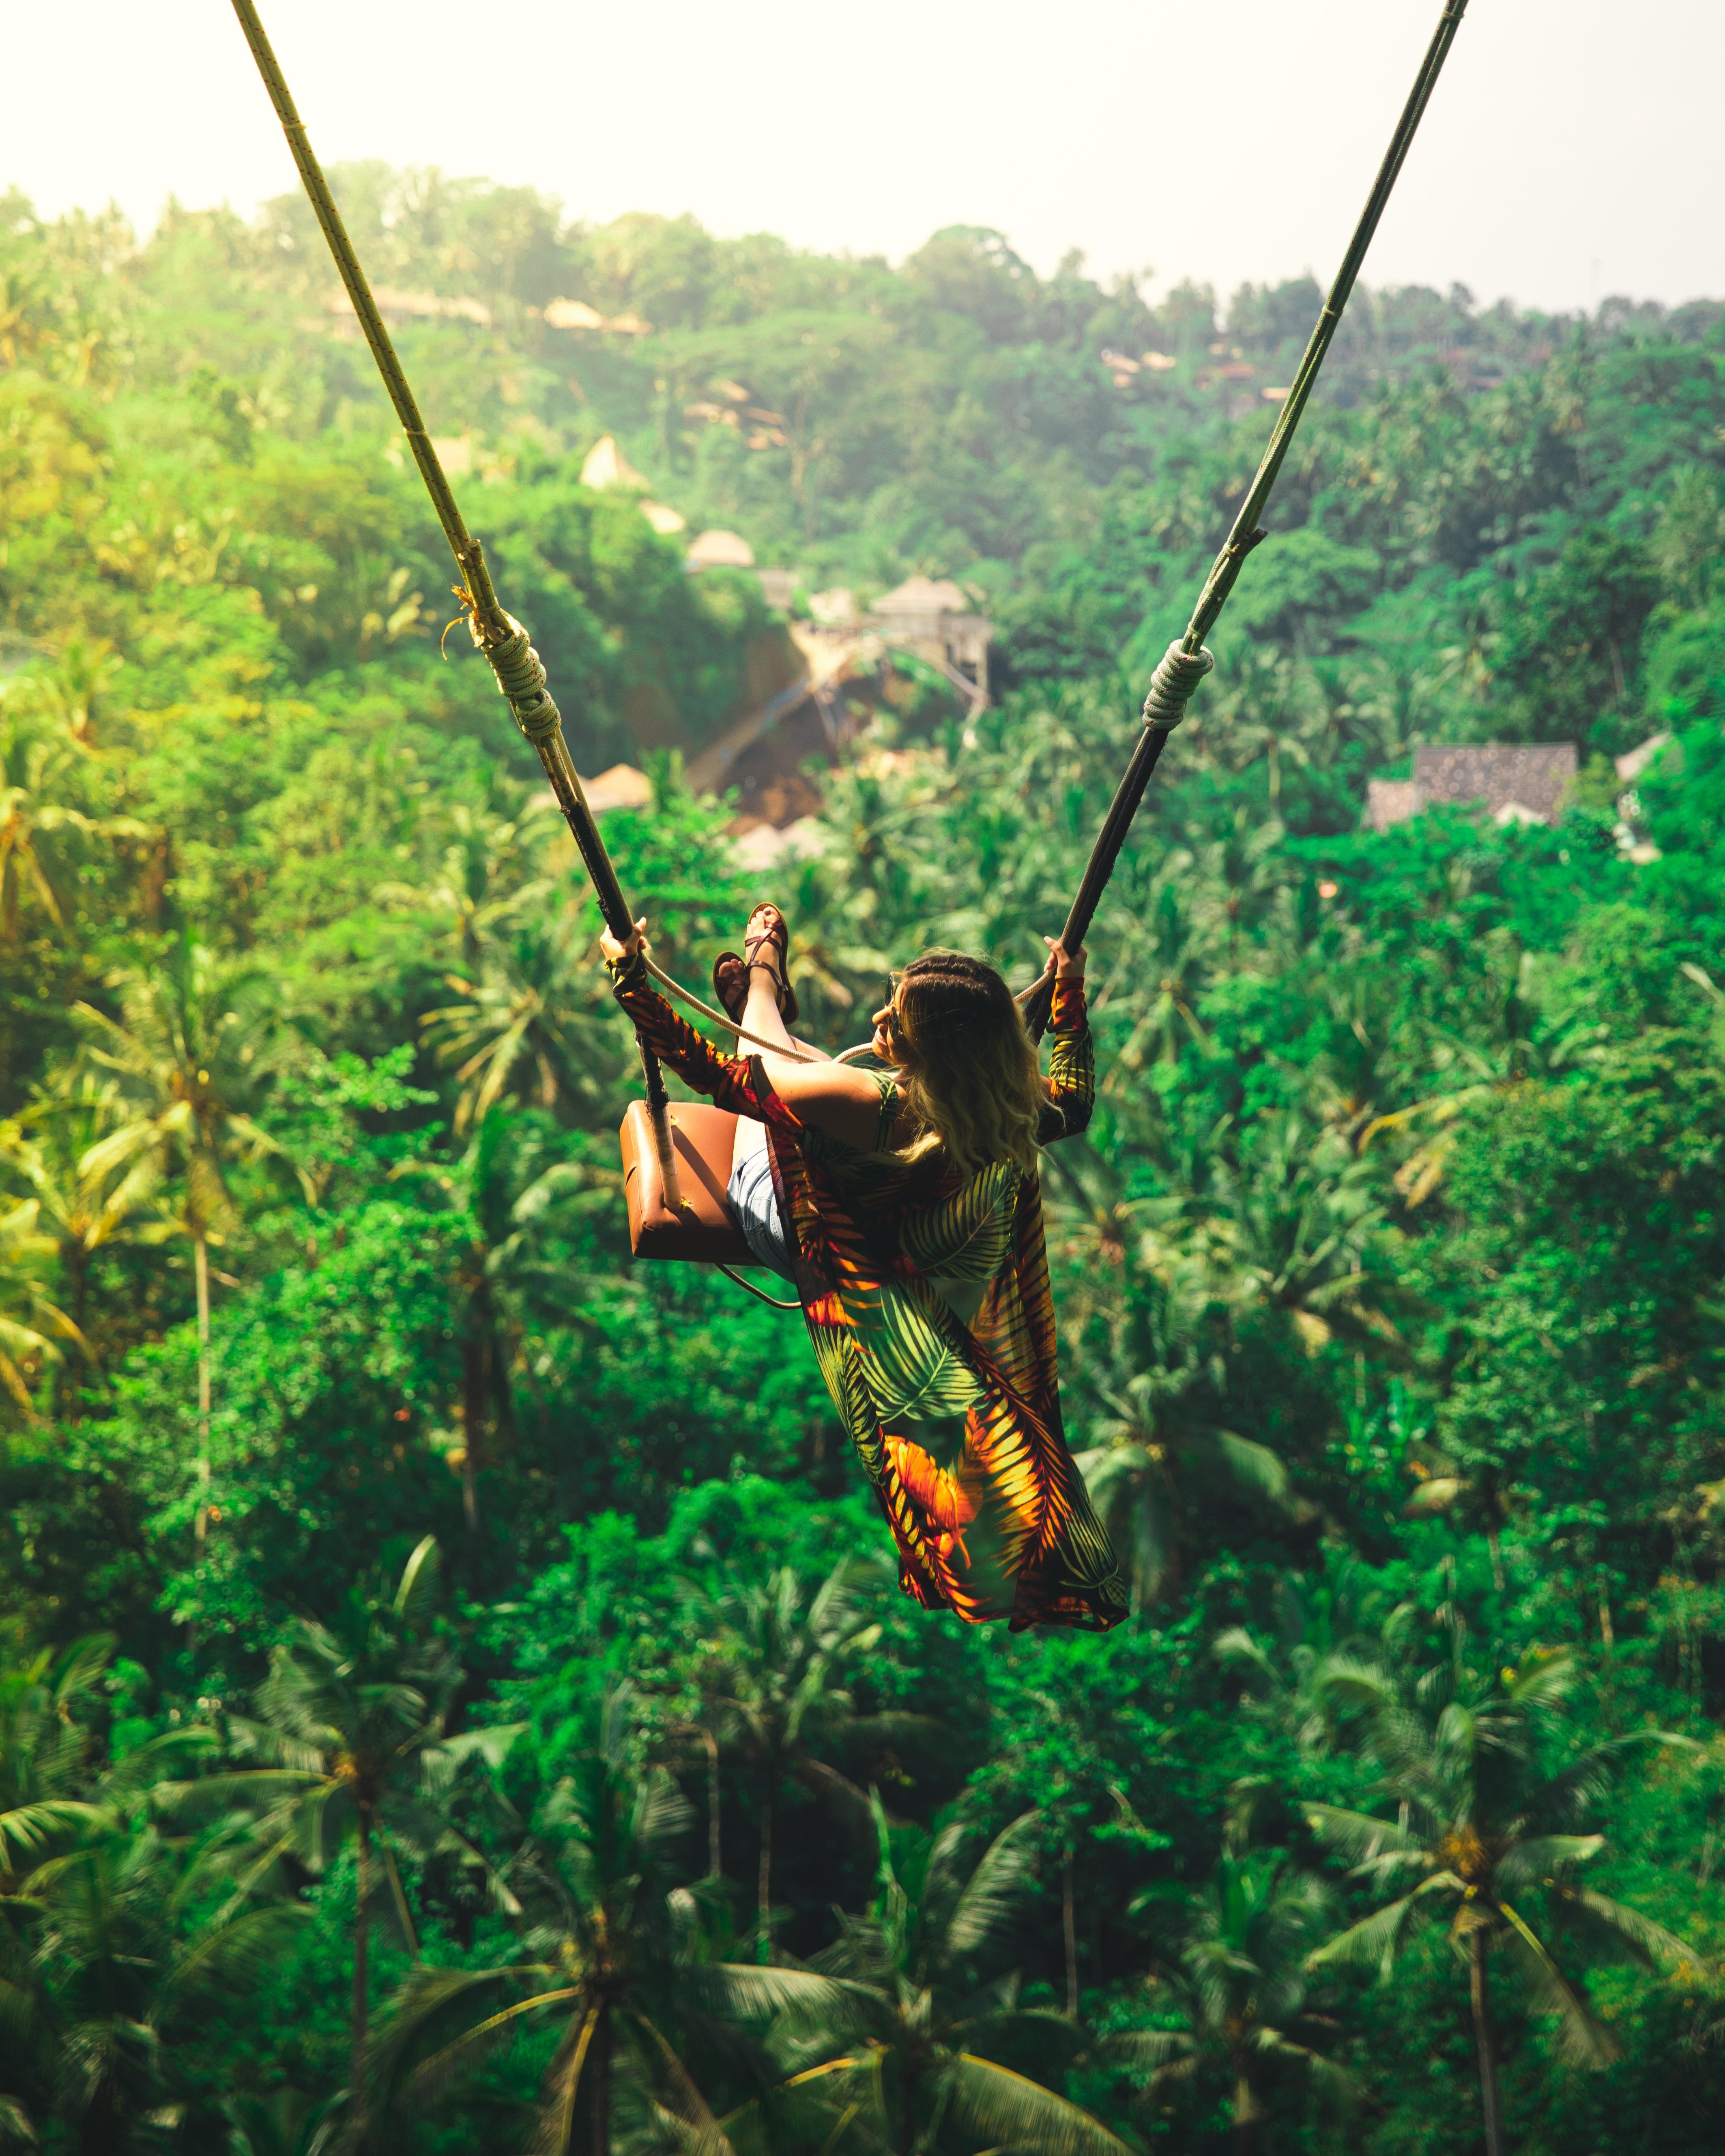 A girl on a swing in Bali